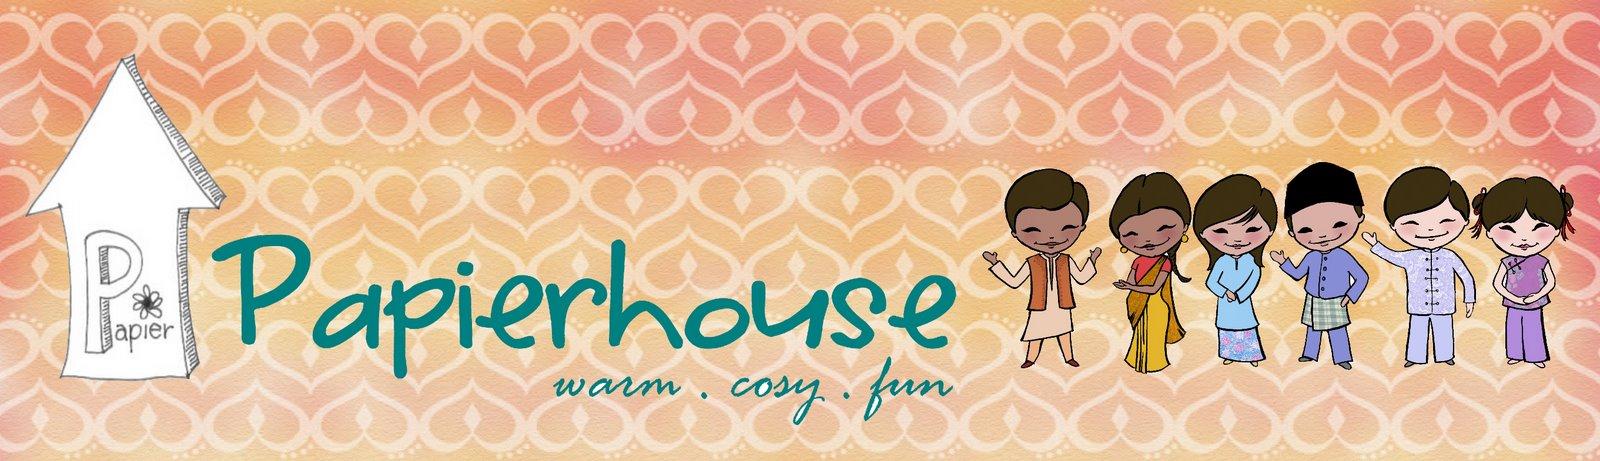 Papierhouse